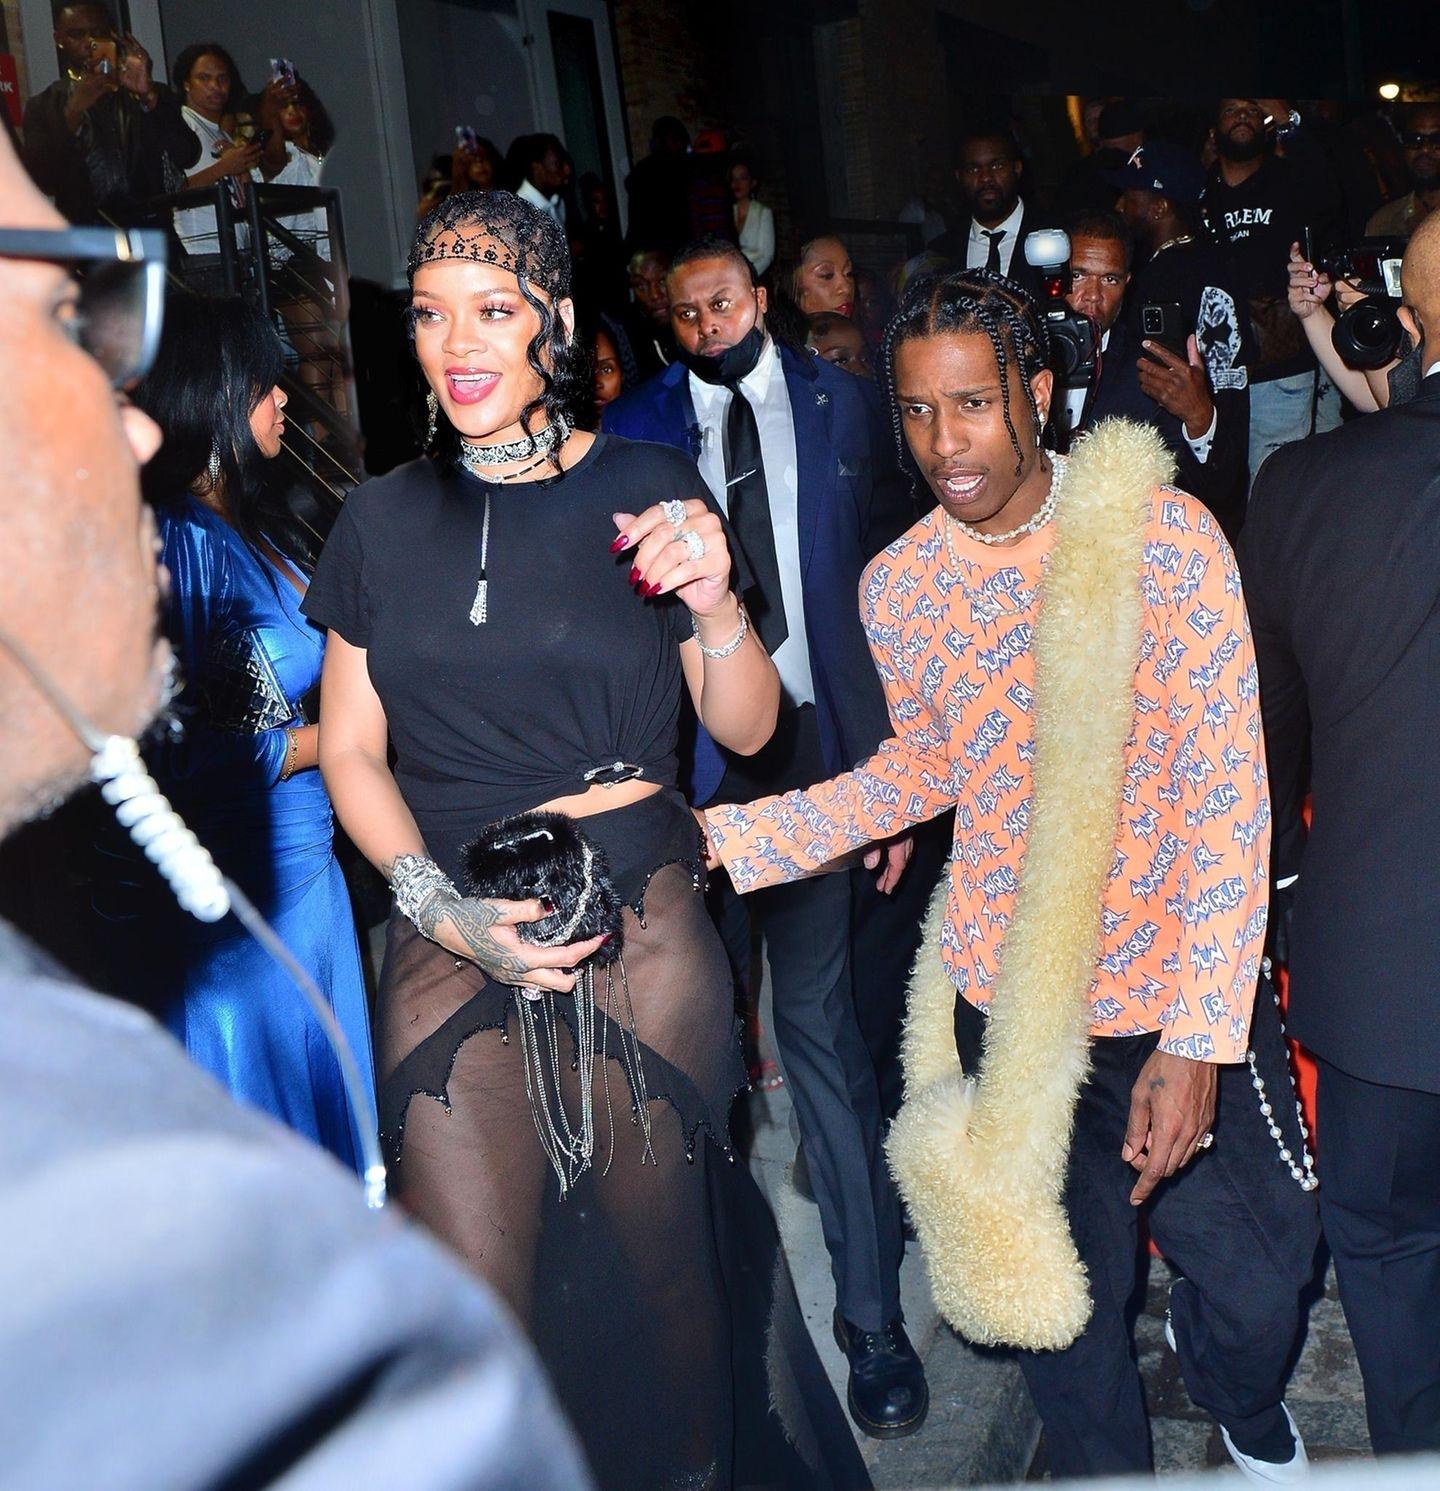 Rihannas Party nach der Met Gala gehört zu den Highlights für die Feierwütigen. Gemeinsam mit ihrem FreundA$AP Rocky lässt sie mit lässigem T-Shirt und sehr transparentem Rock noch bis in die Nacht die Puppen tanzen.